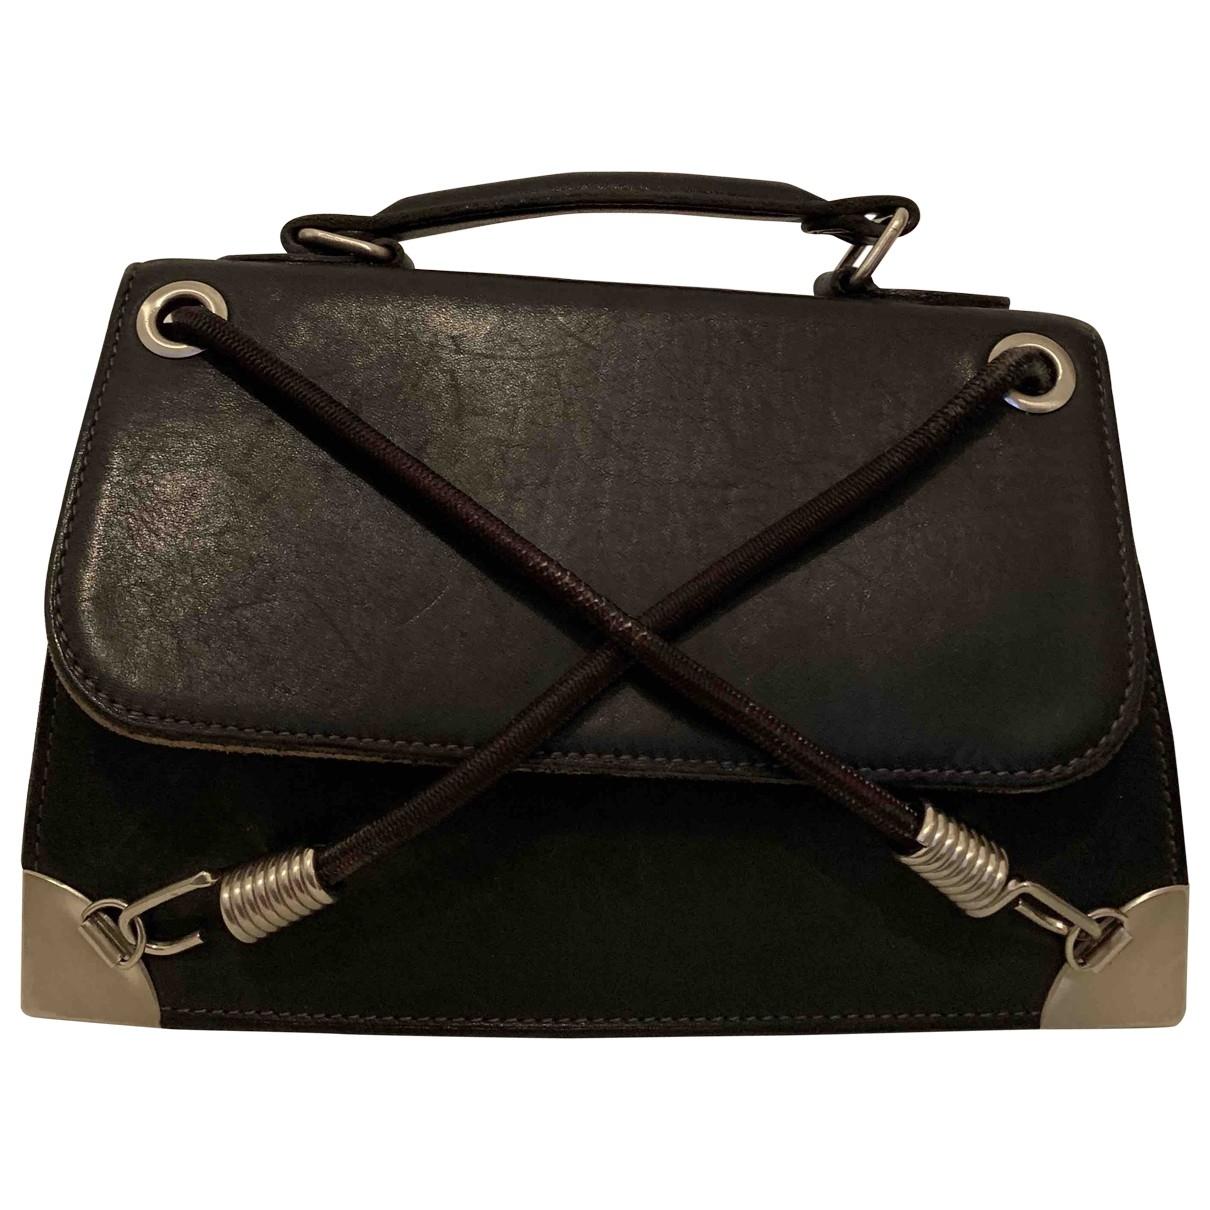 Jean Paul Gaultier - Sac a main   pour femme en cuir - noir